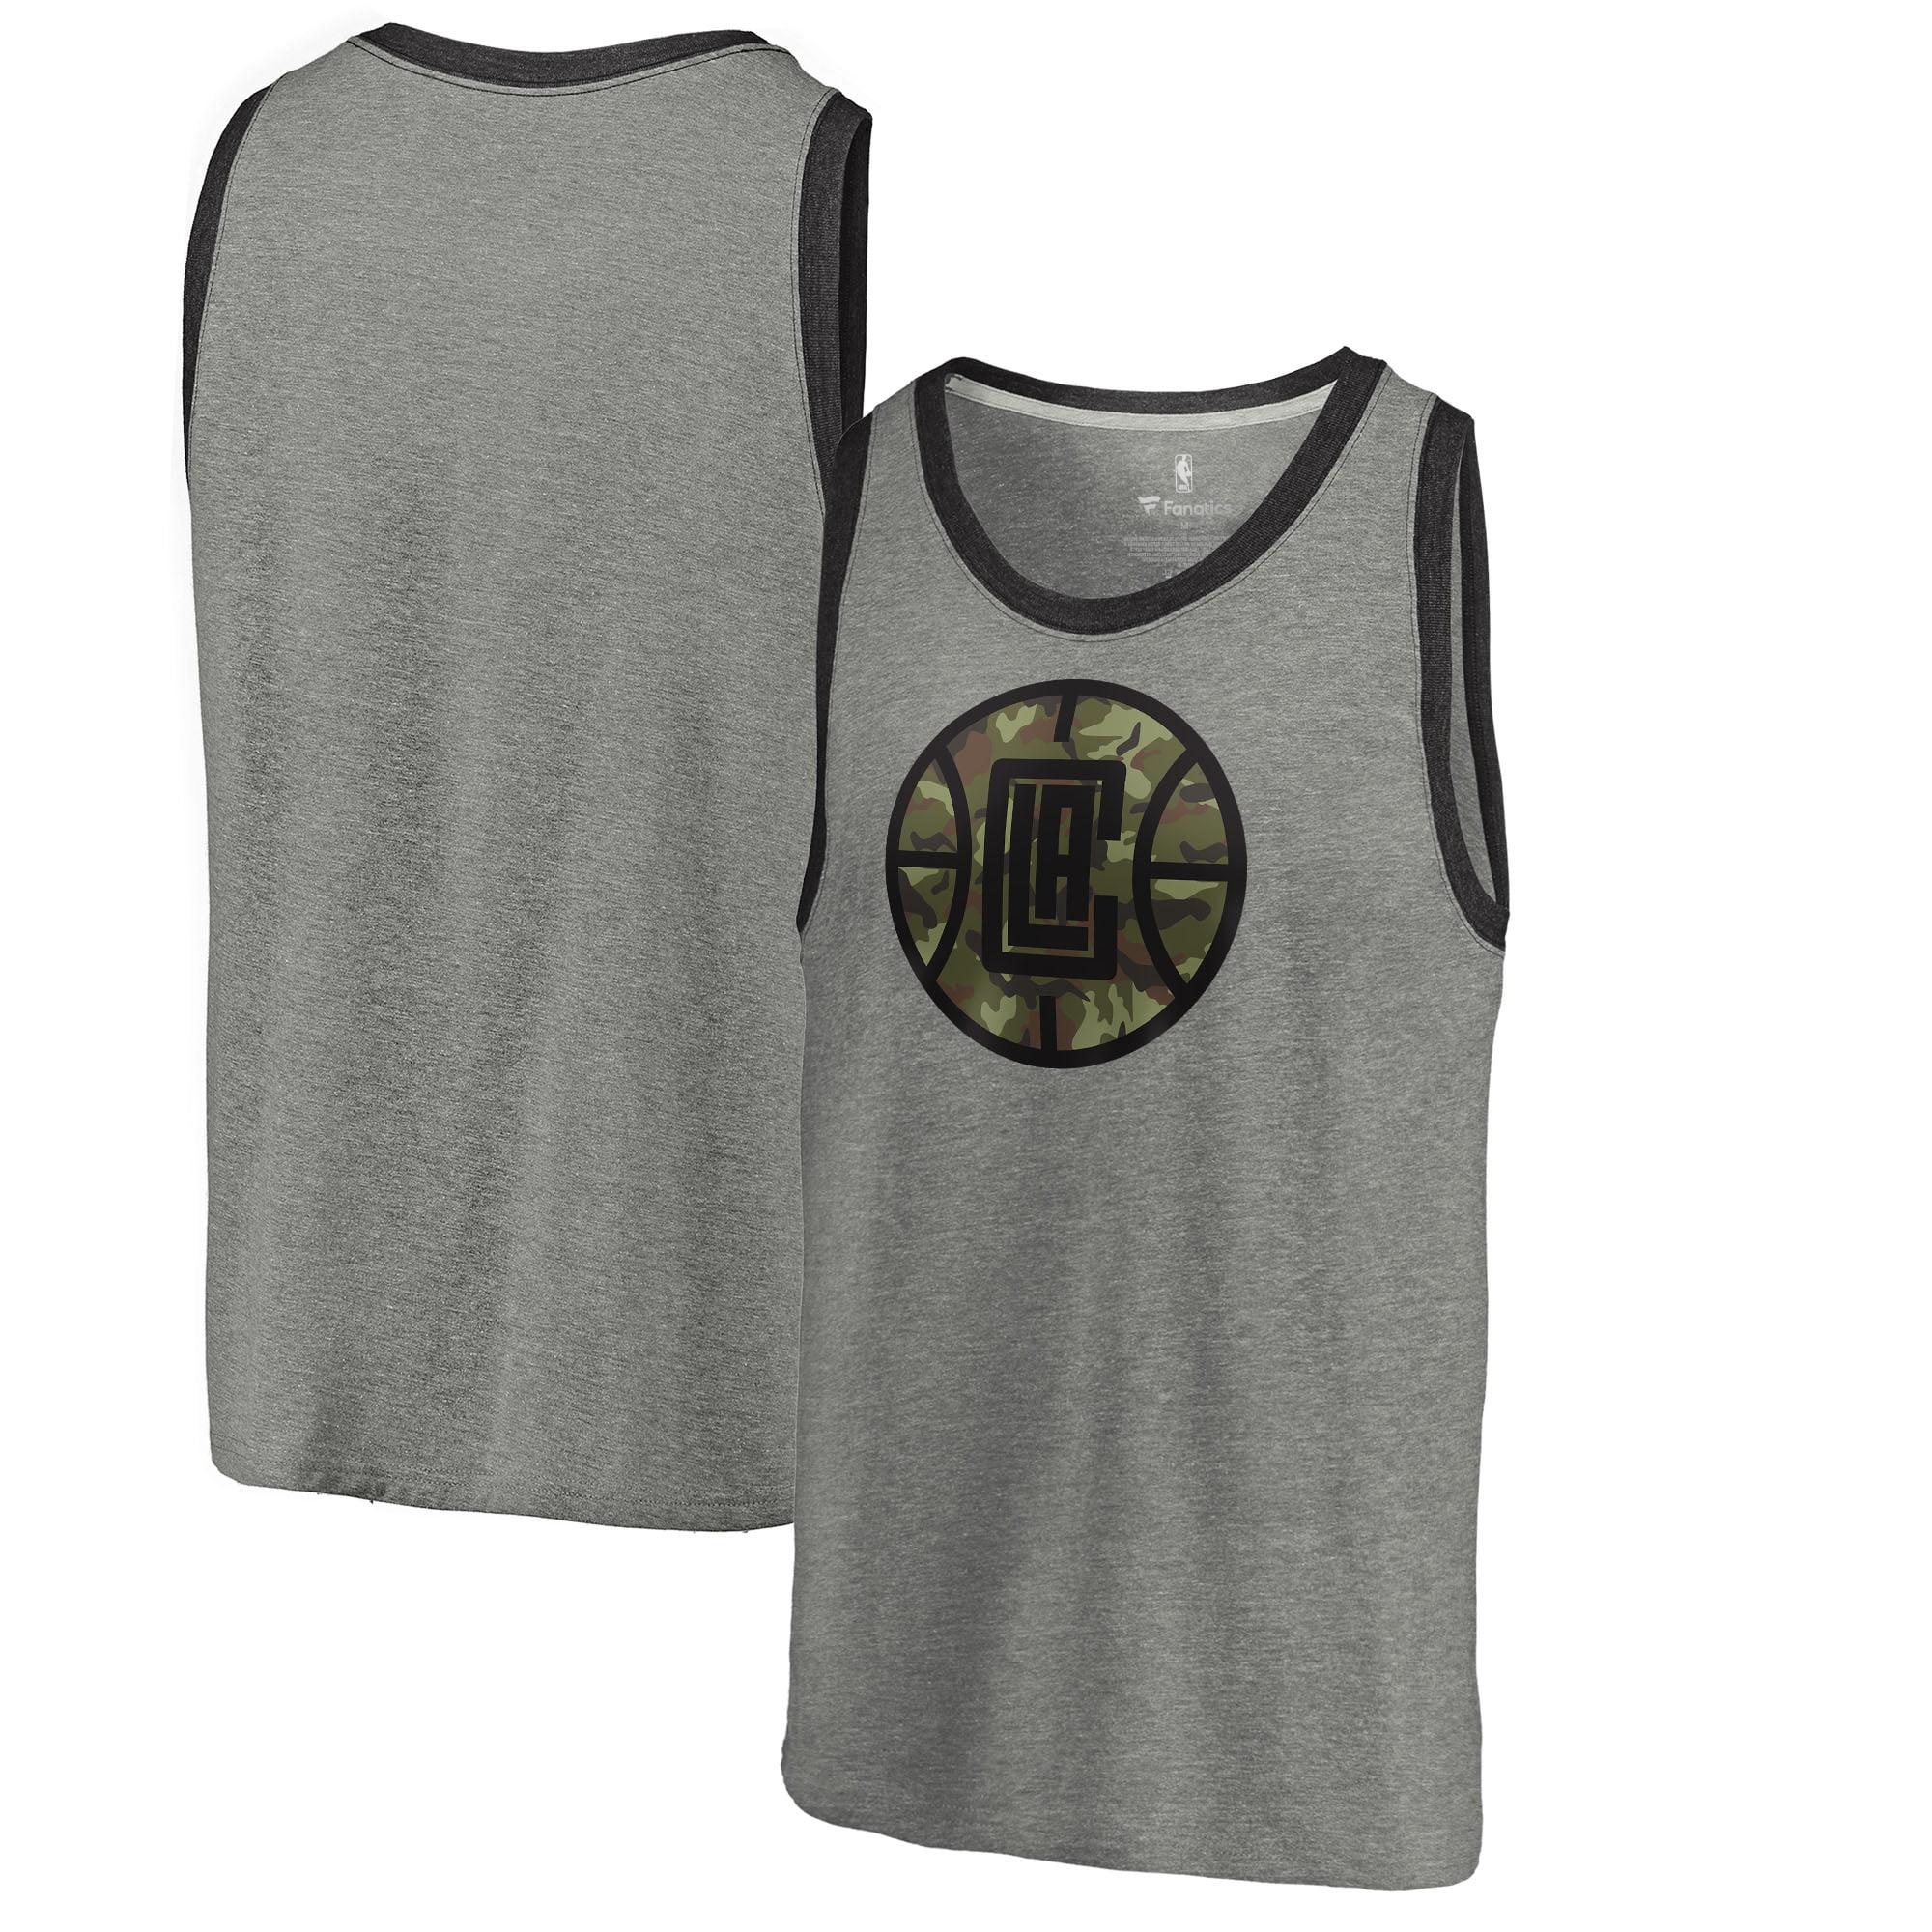 LA Clippers Fanatics Branded Camo Collection Prestige Tri-Blend Tank Top - Heathered Gray